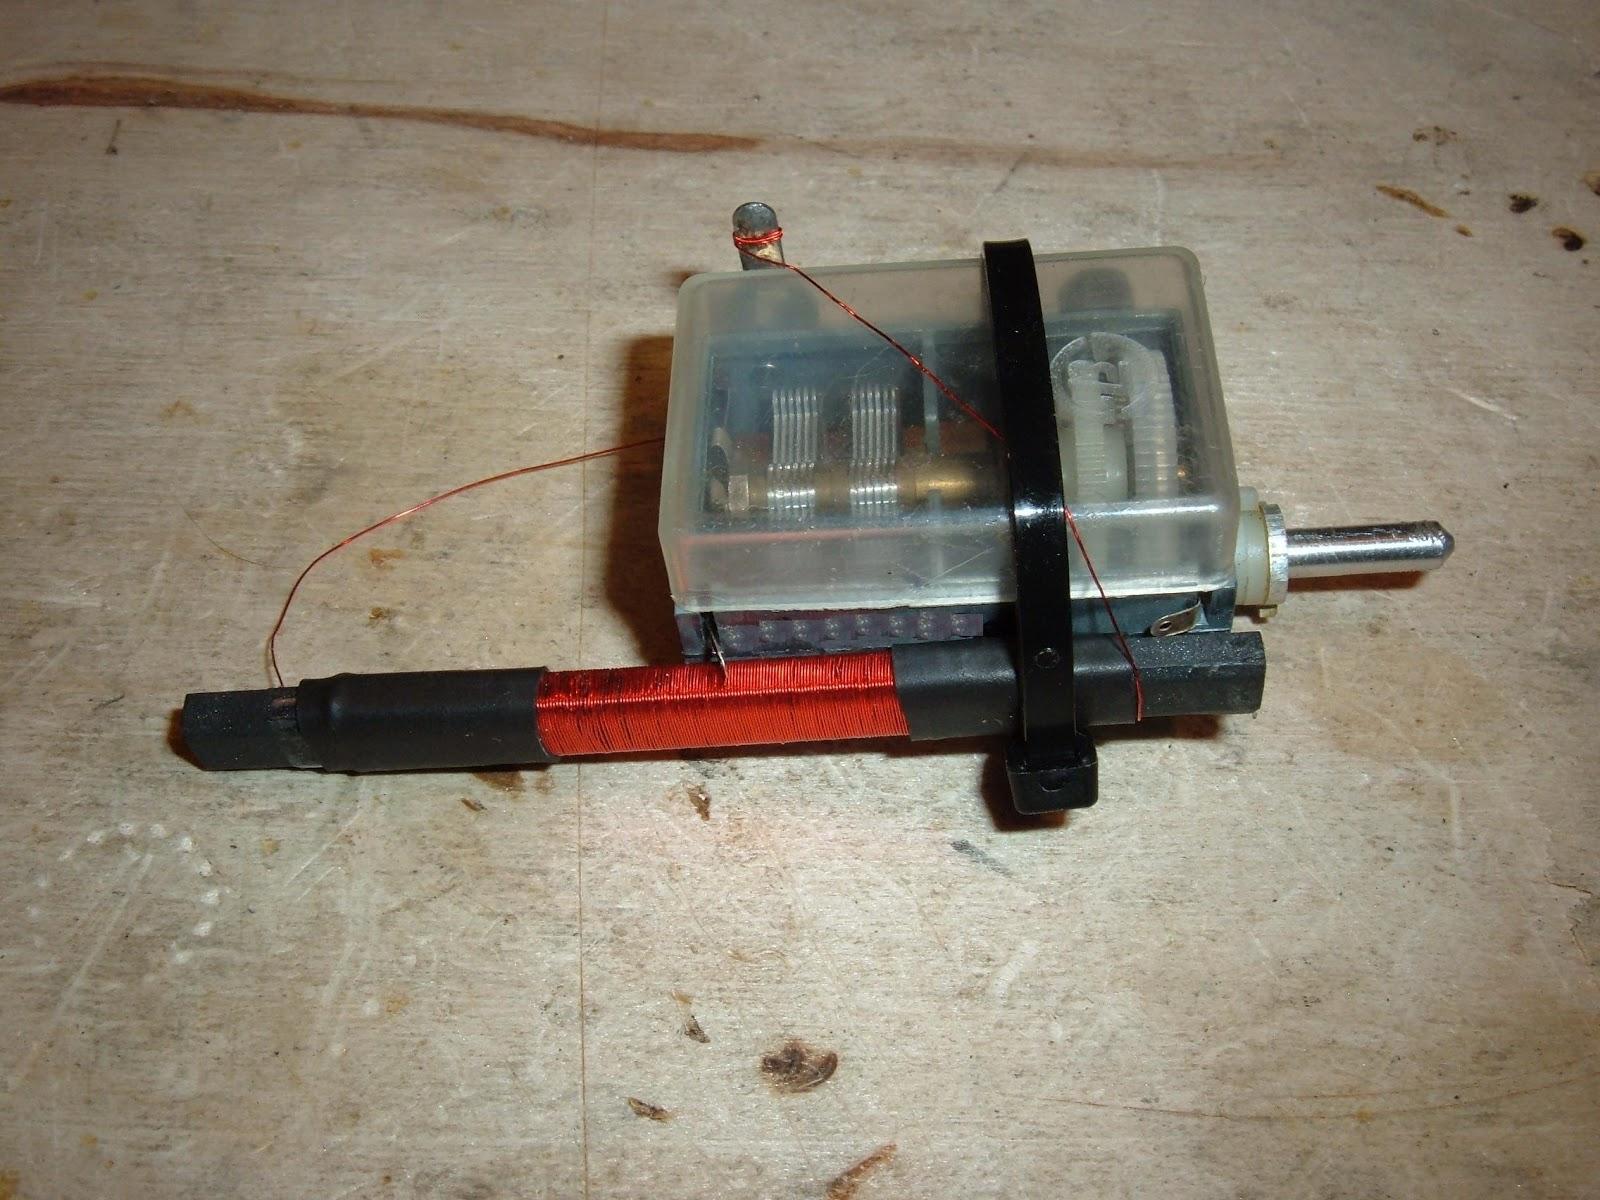 Der Bastelbunker - Die Basteldoku: Detektorempfänger einfachster ...